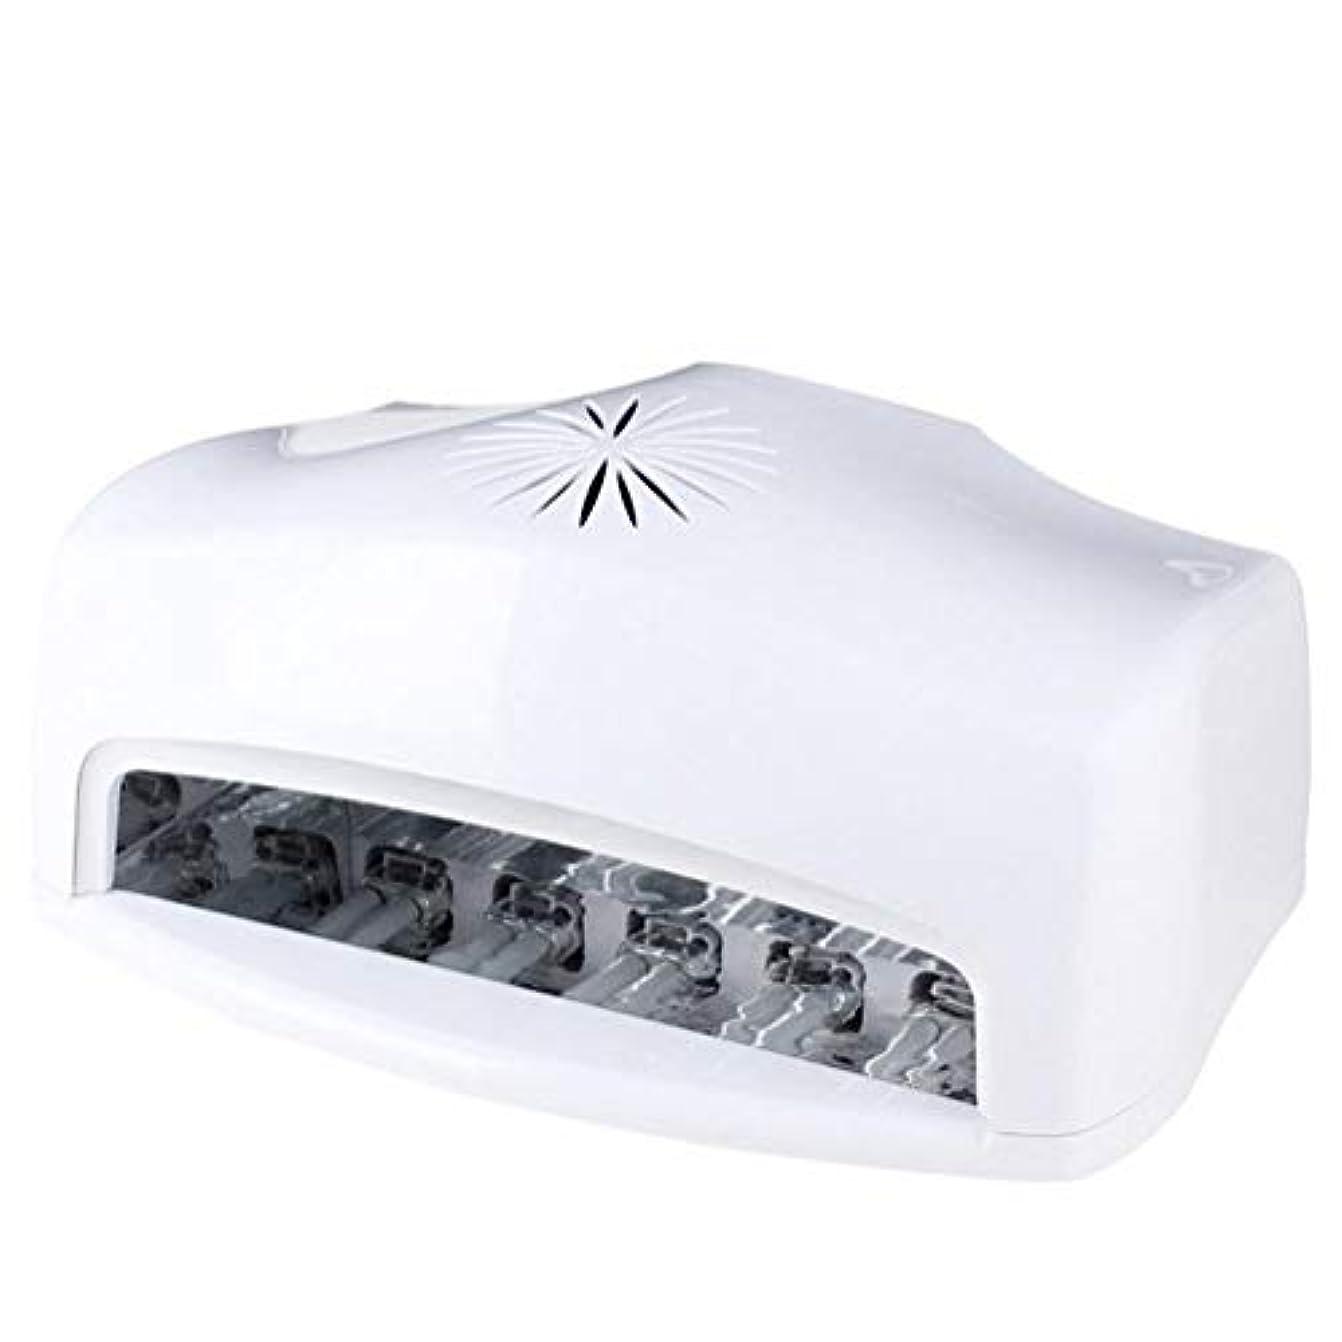 幻想最終ベール54W LED UVネイルランプネイルドライヤーライトマシン両手で硬化ジェルネイルポリッシュネイルアートマニキュアツール90秒/120秒/180秒/240秒/300秒タイマー設定、ファン